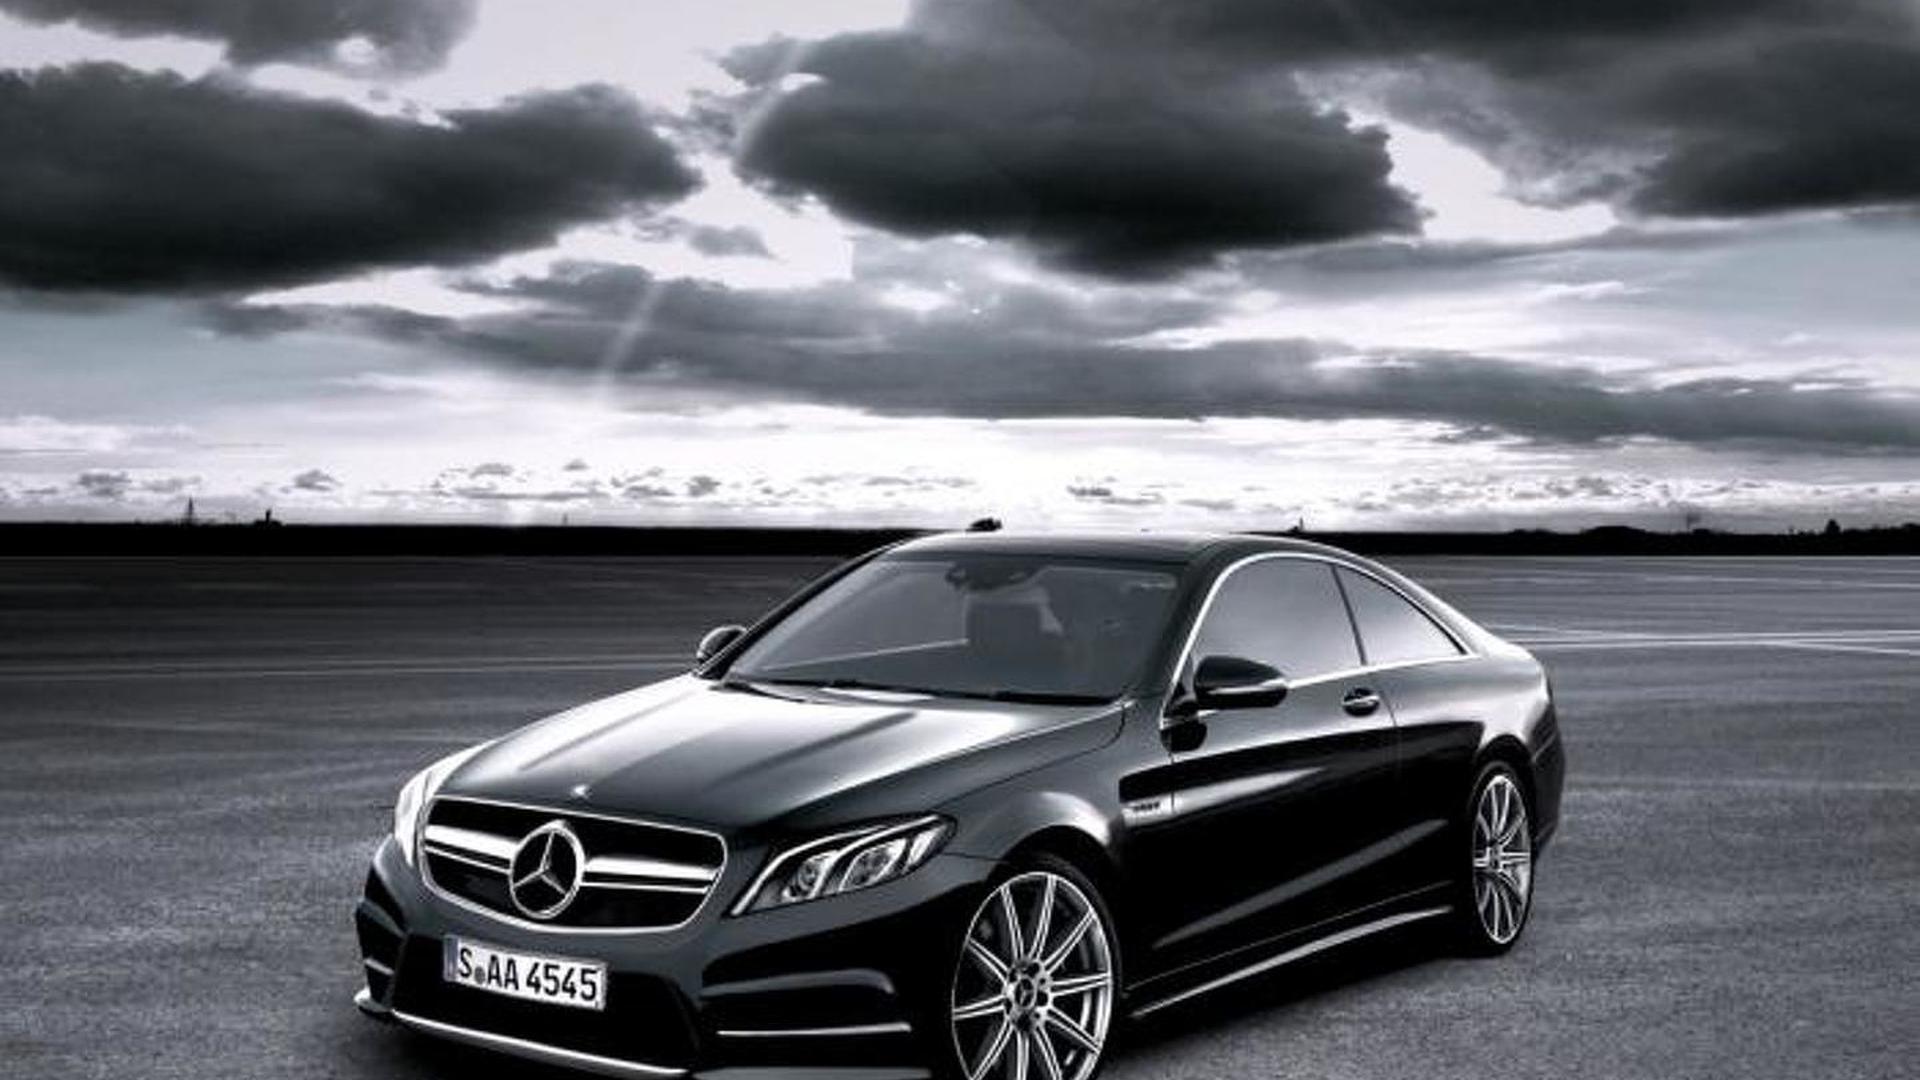 Wcf reader envisions next gen mercedes benz e class coupe for 2016 mercedes benz e class convertible